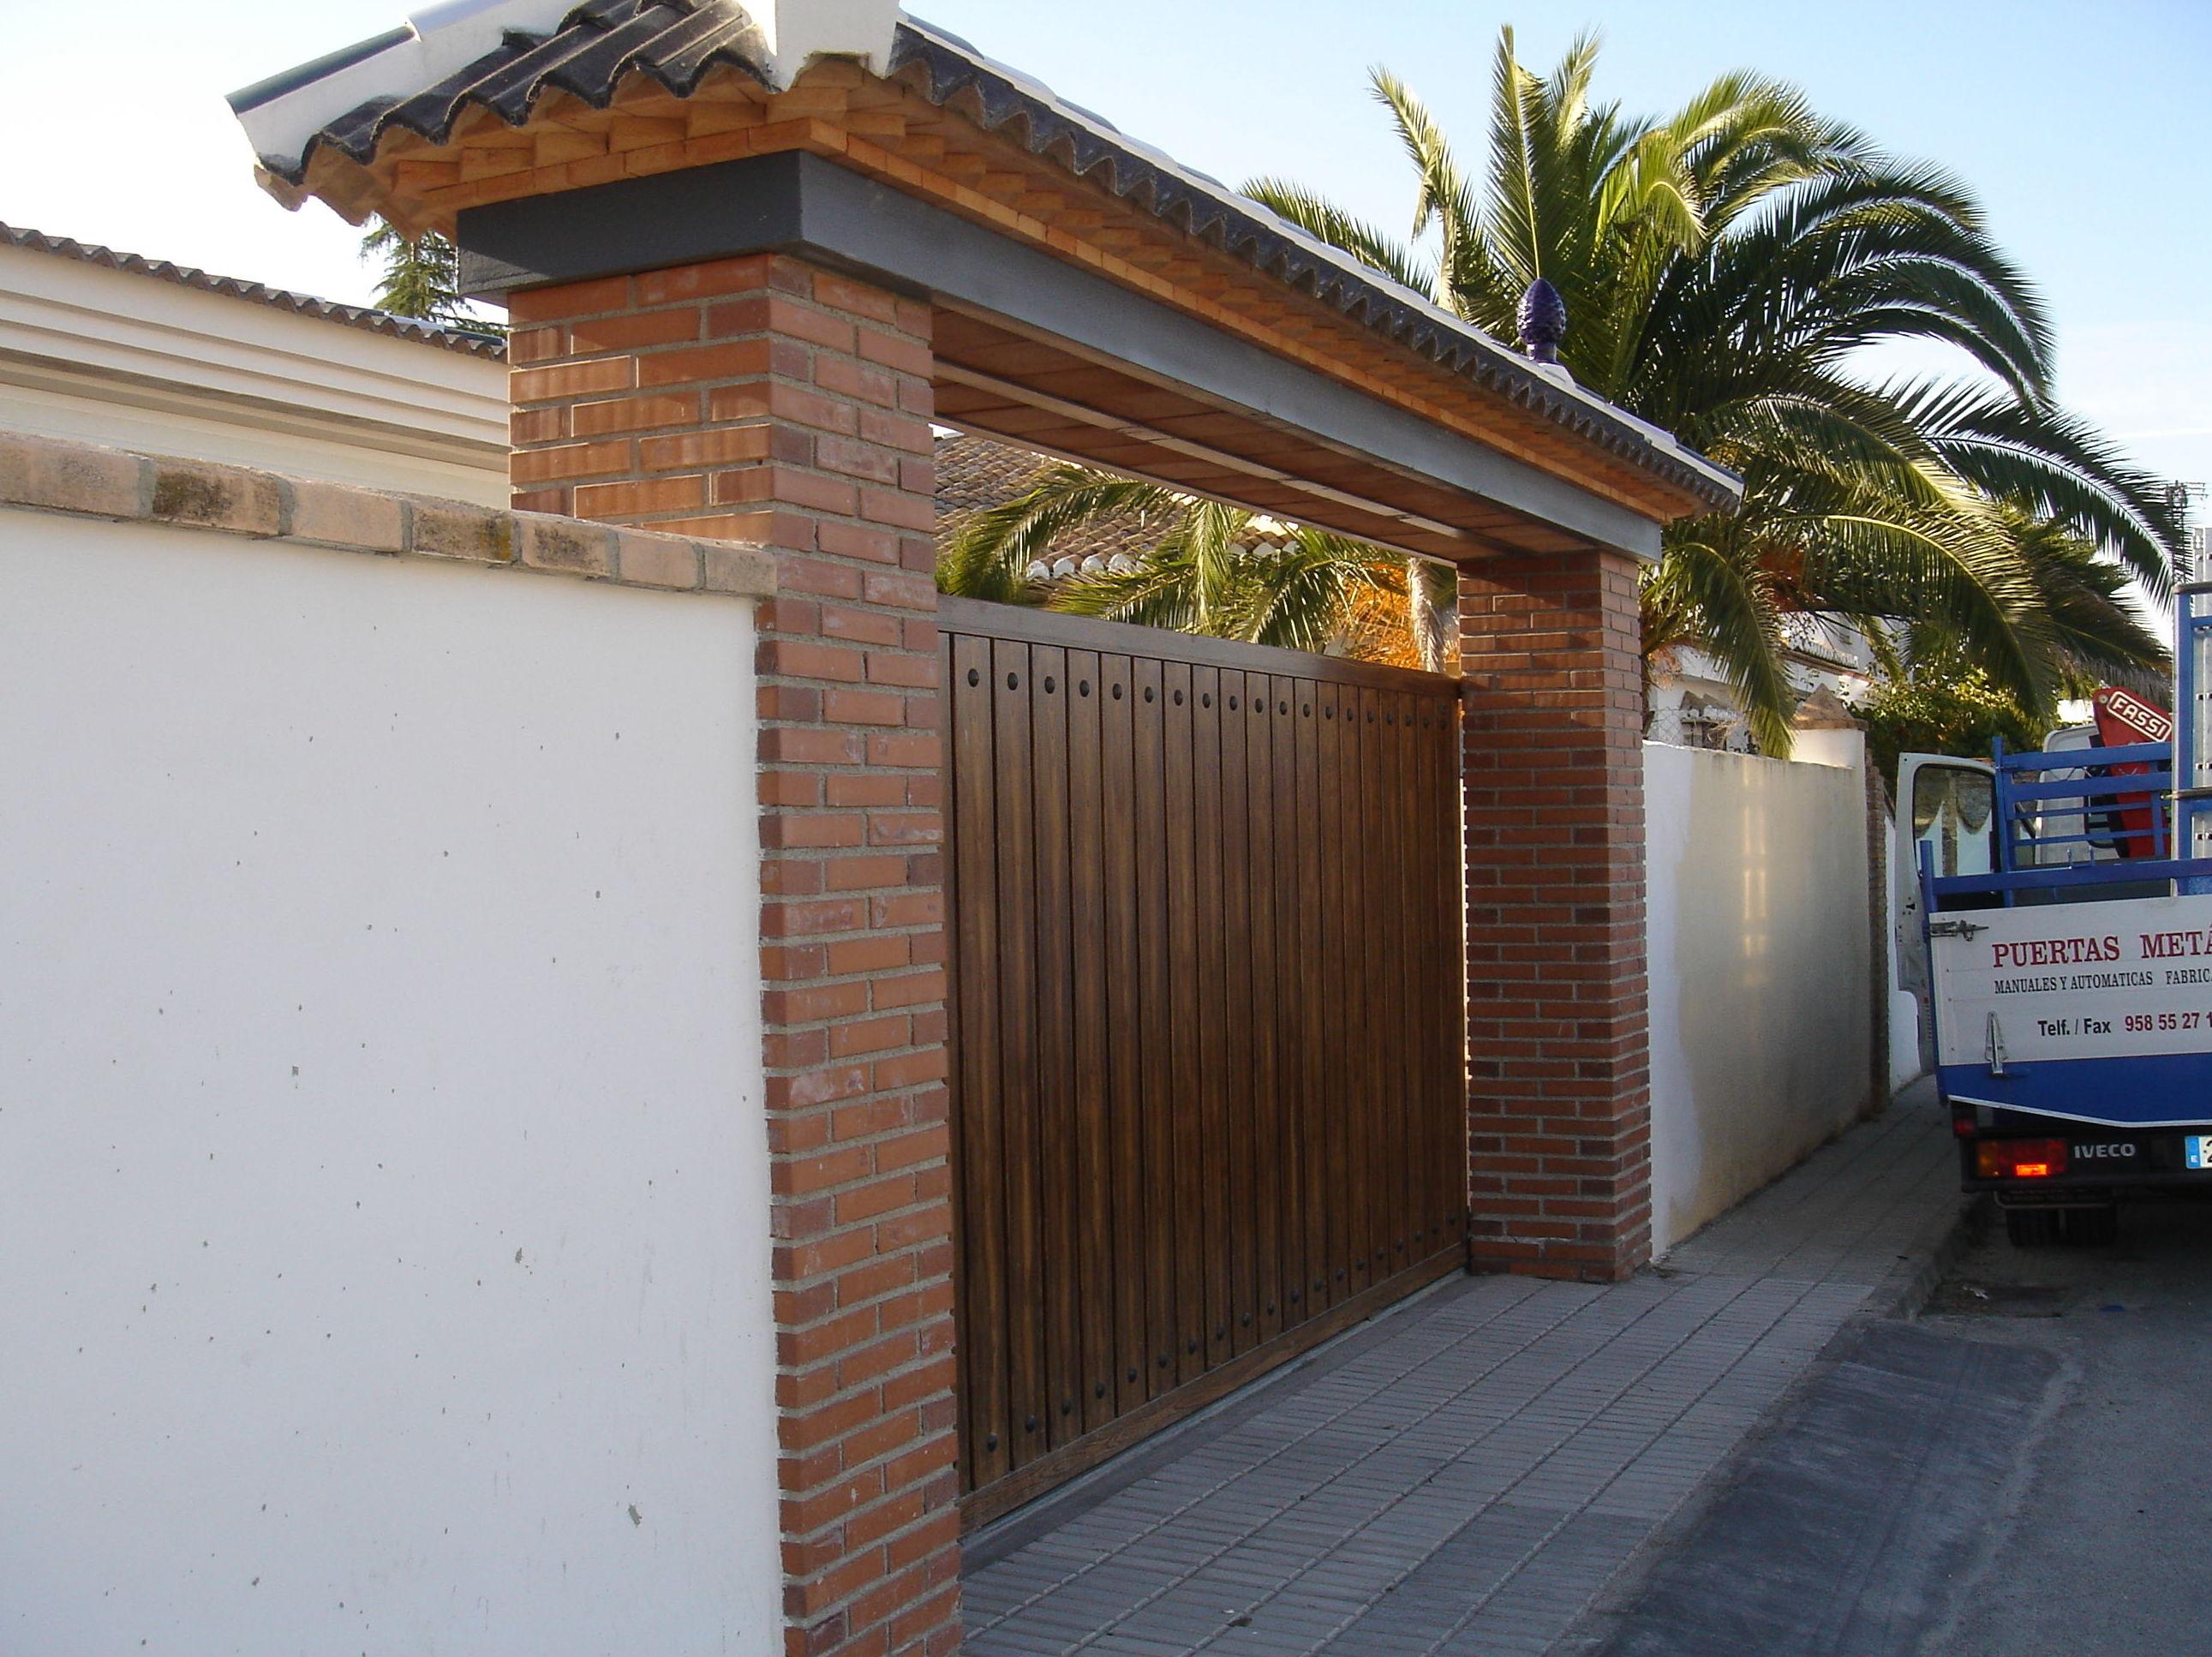 Puertas correderas automáticas en Granada